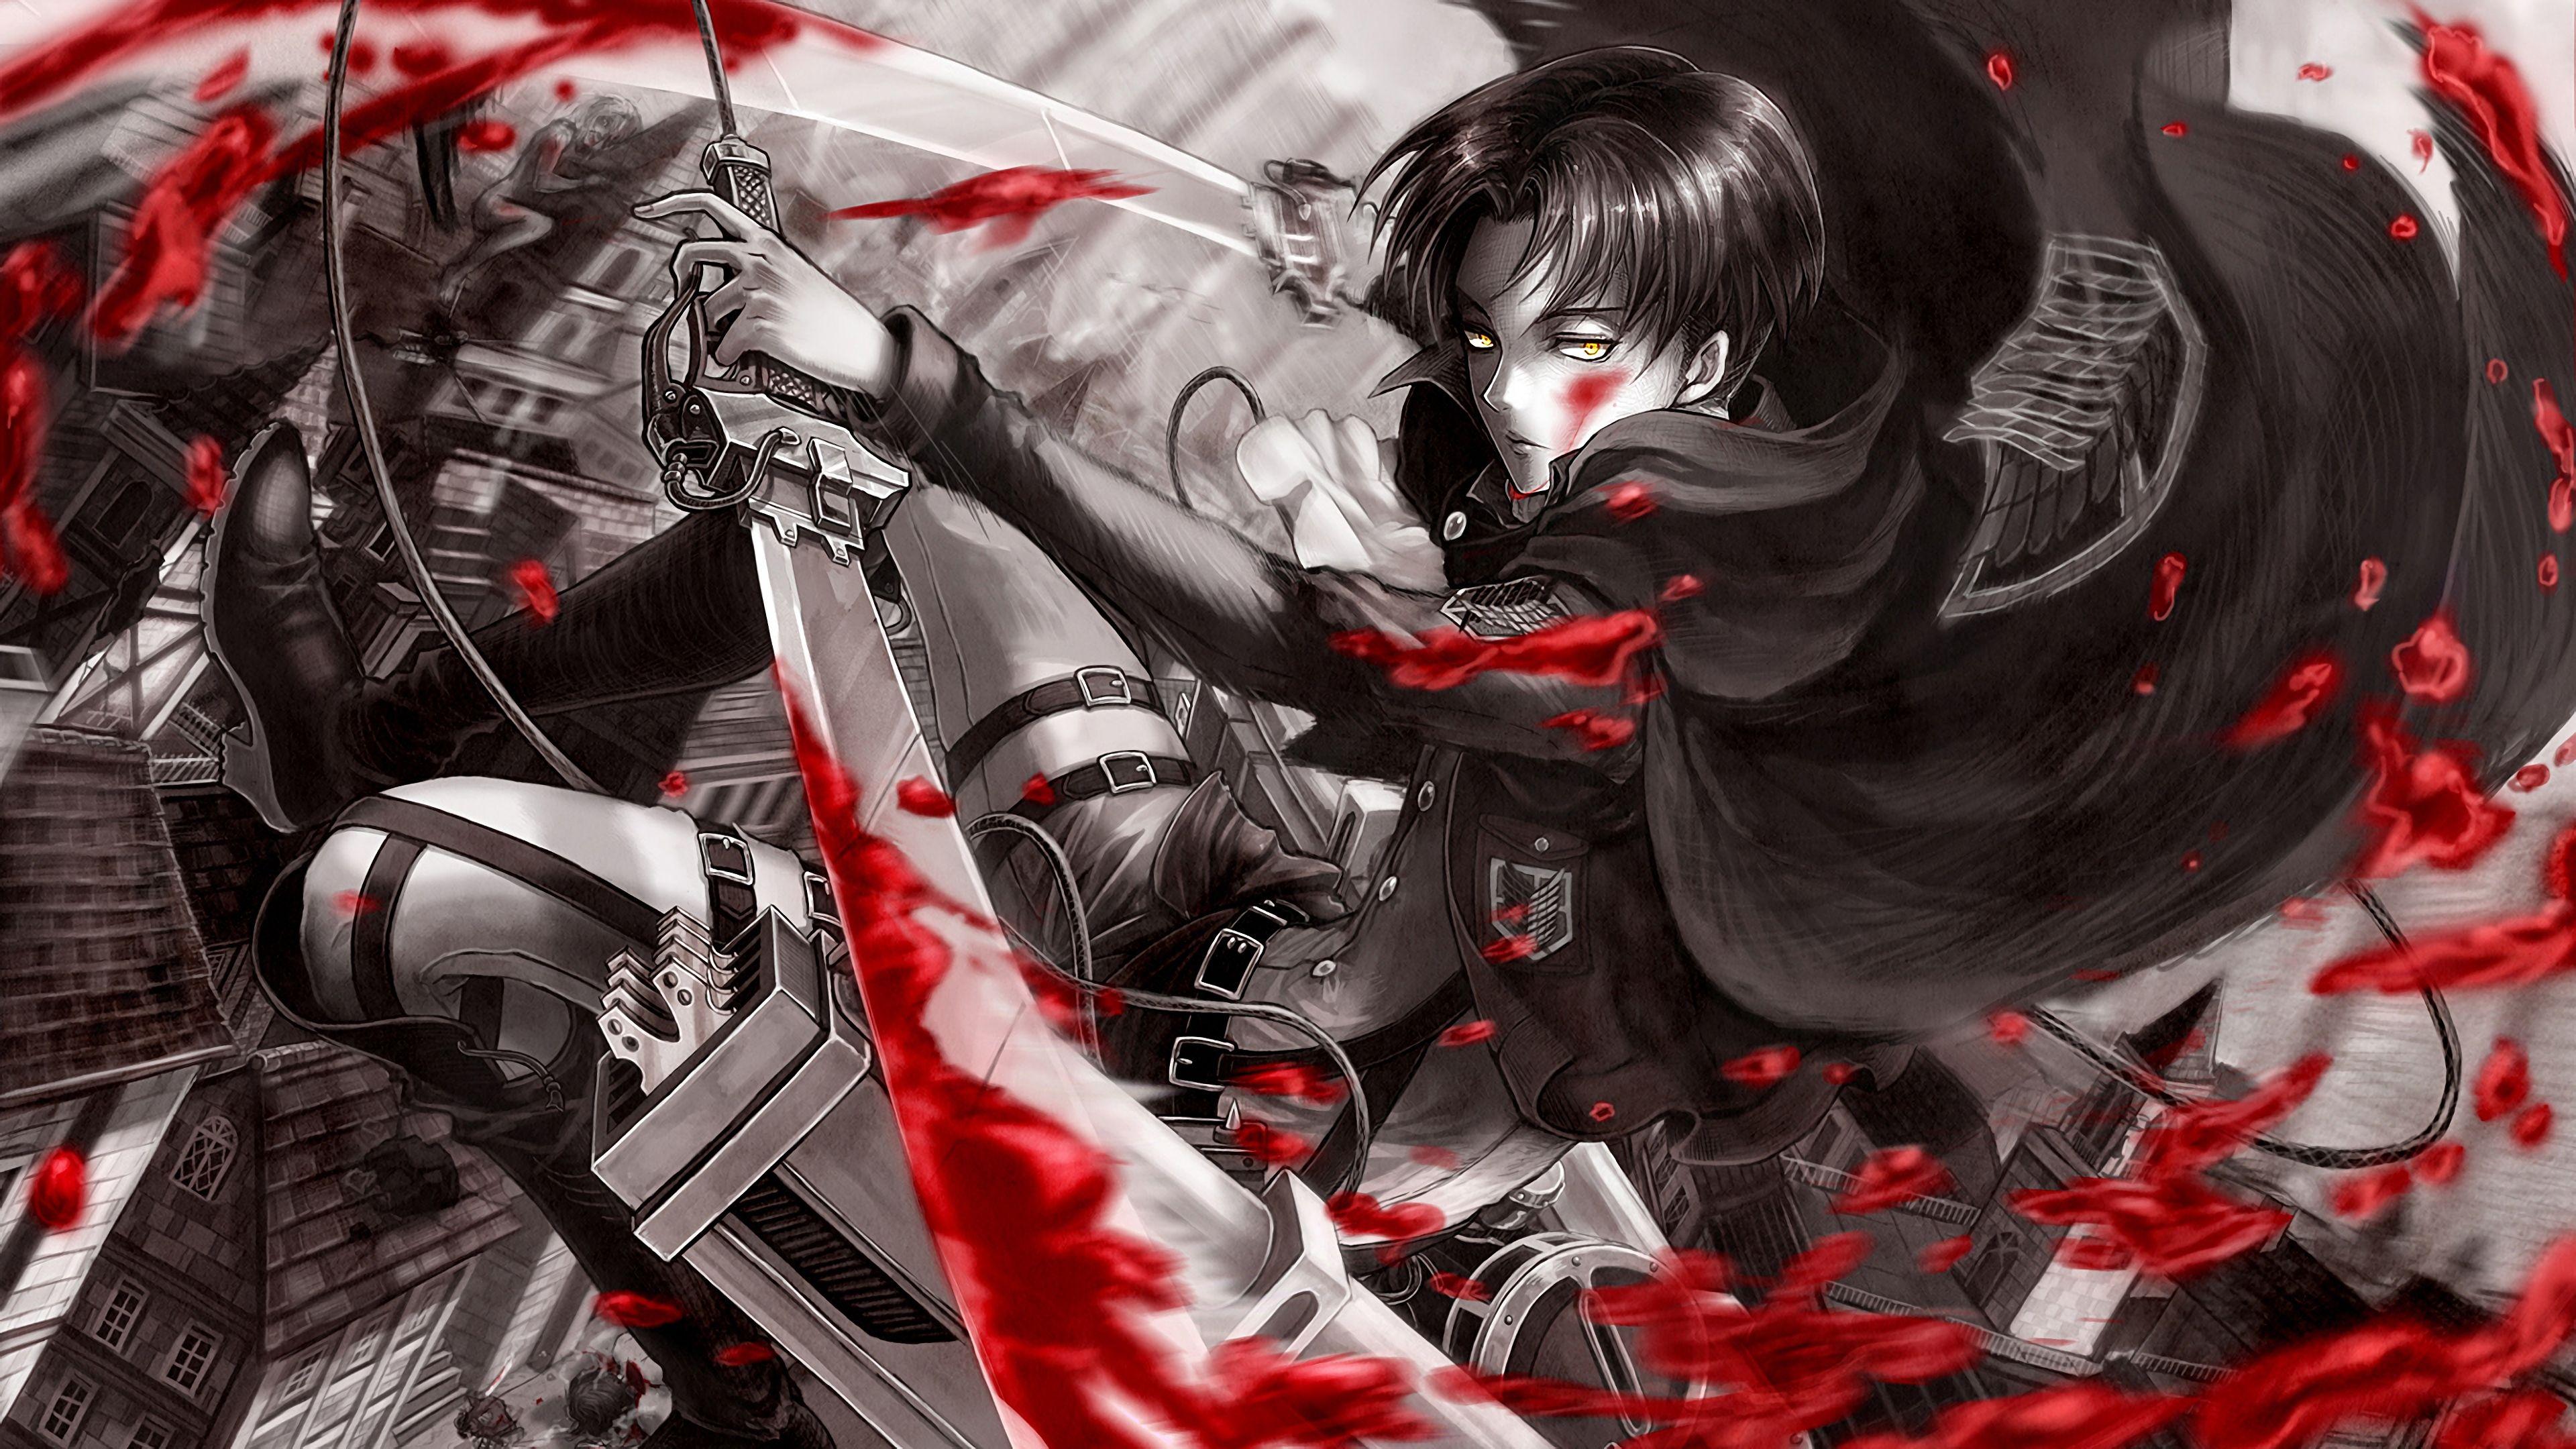 Levi Attack On Titan Shingeki No Kyojin 4k 19224 Attack On Titan Levi Attack On Titan Quiz Attack On Titan